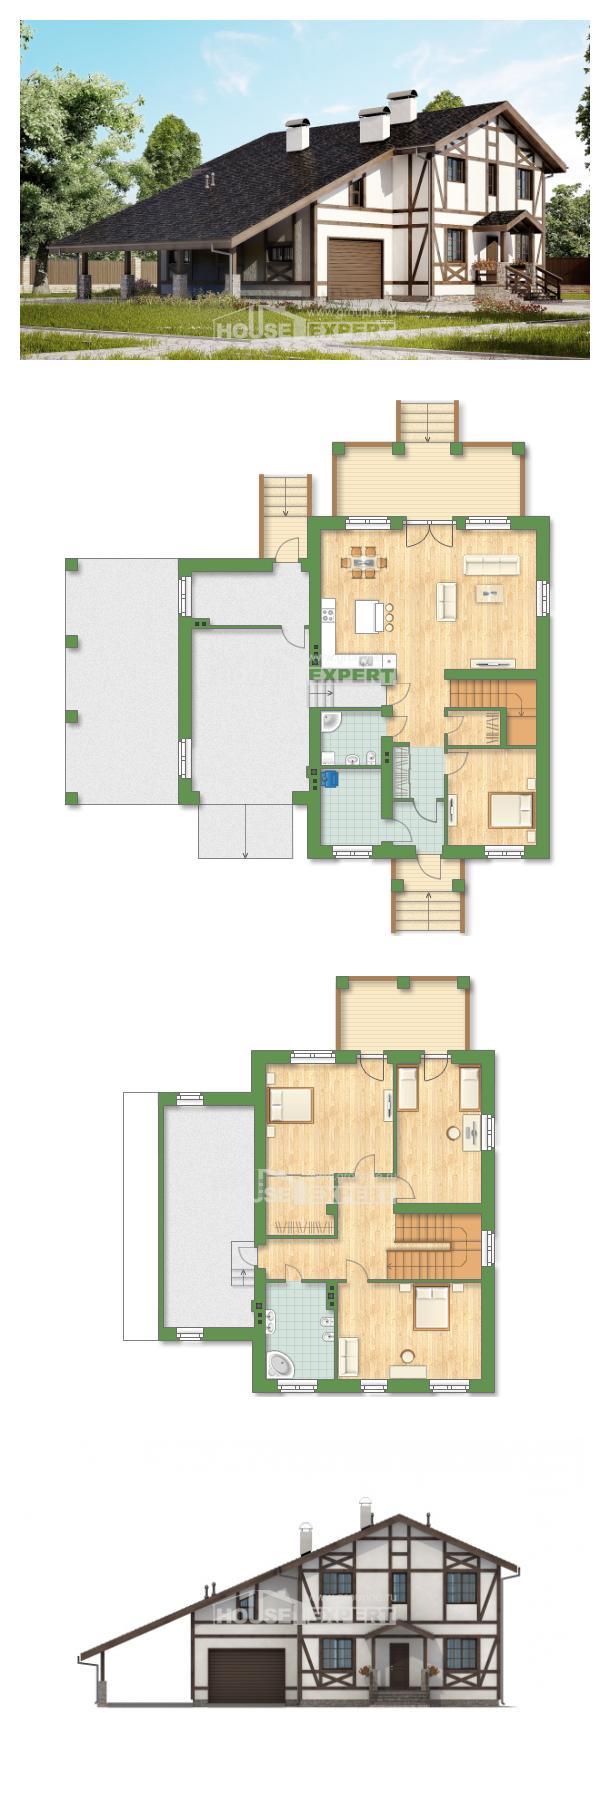 خطة البيت 250-002-L   House Expert